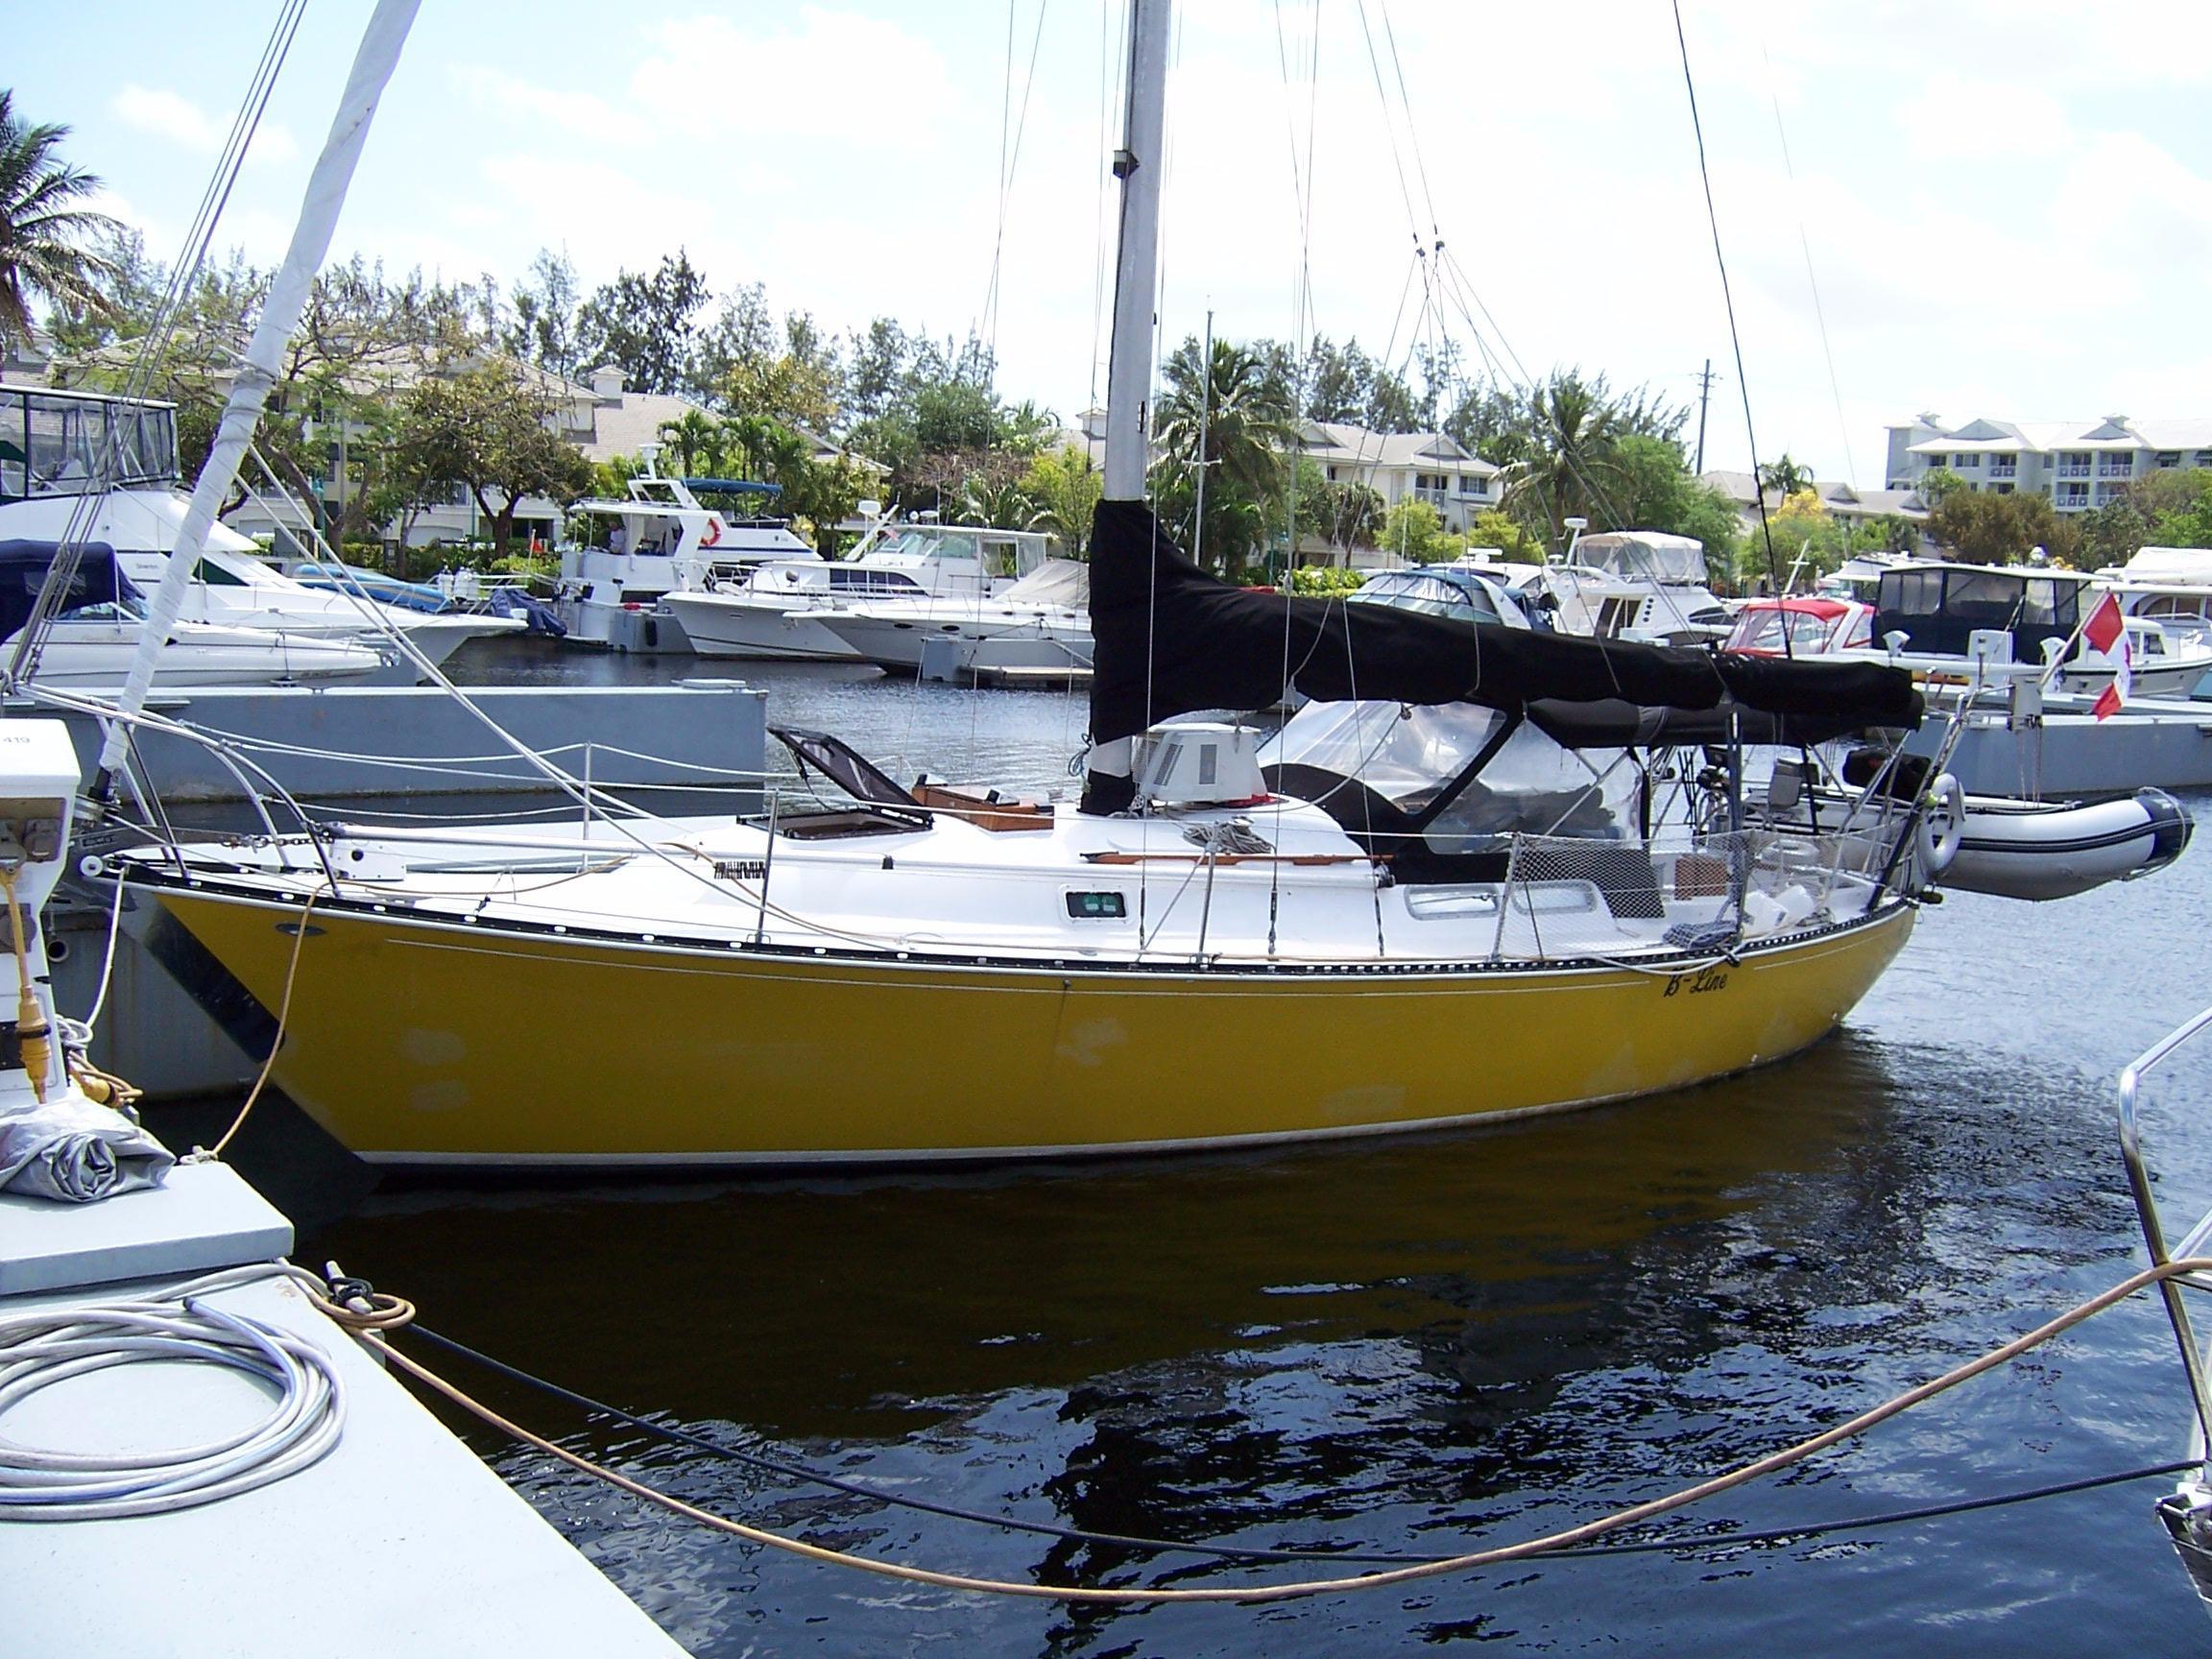 35' C&C 1974 Mark II